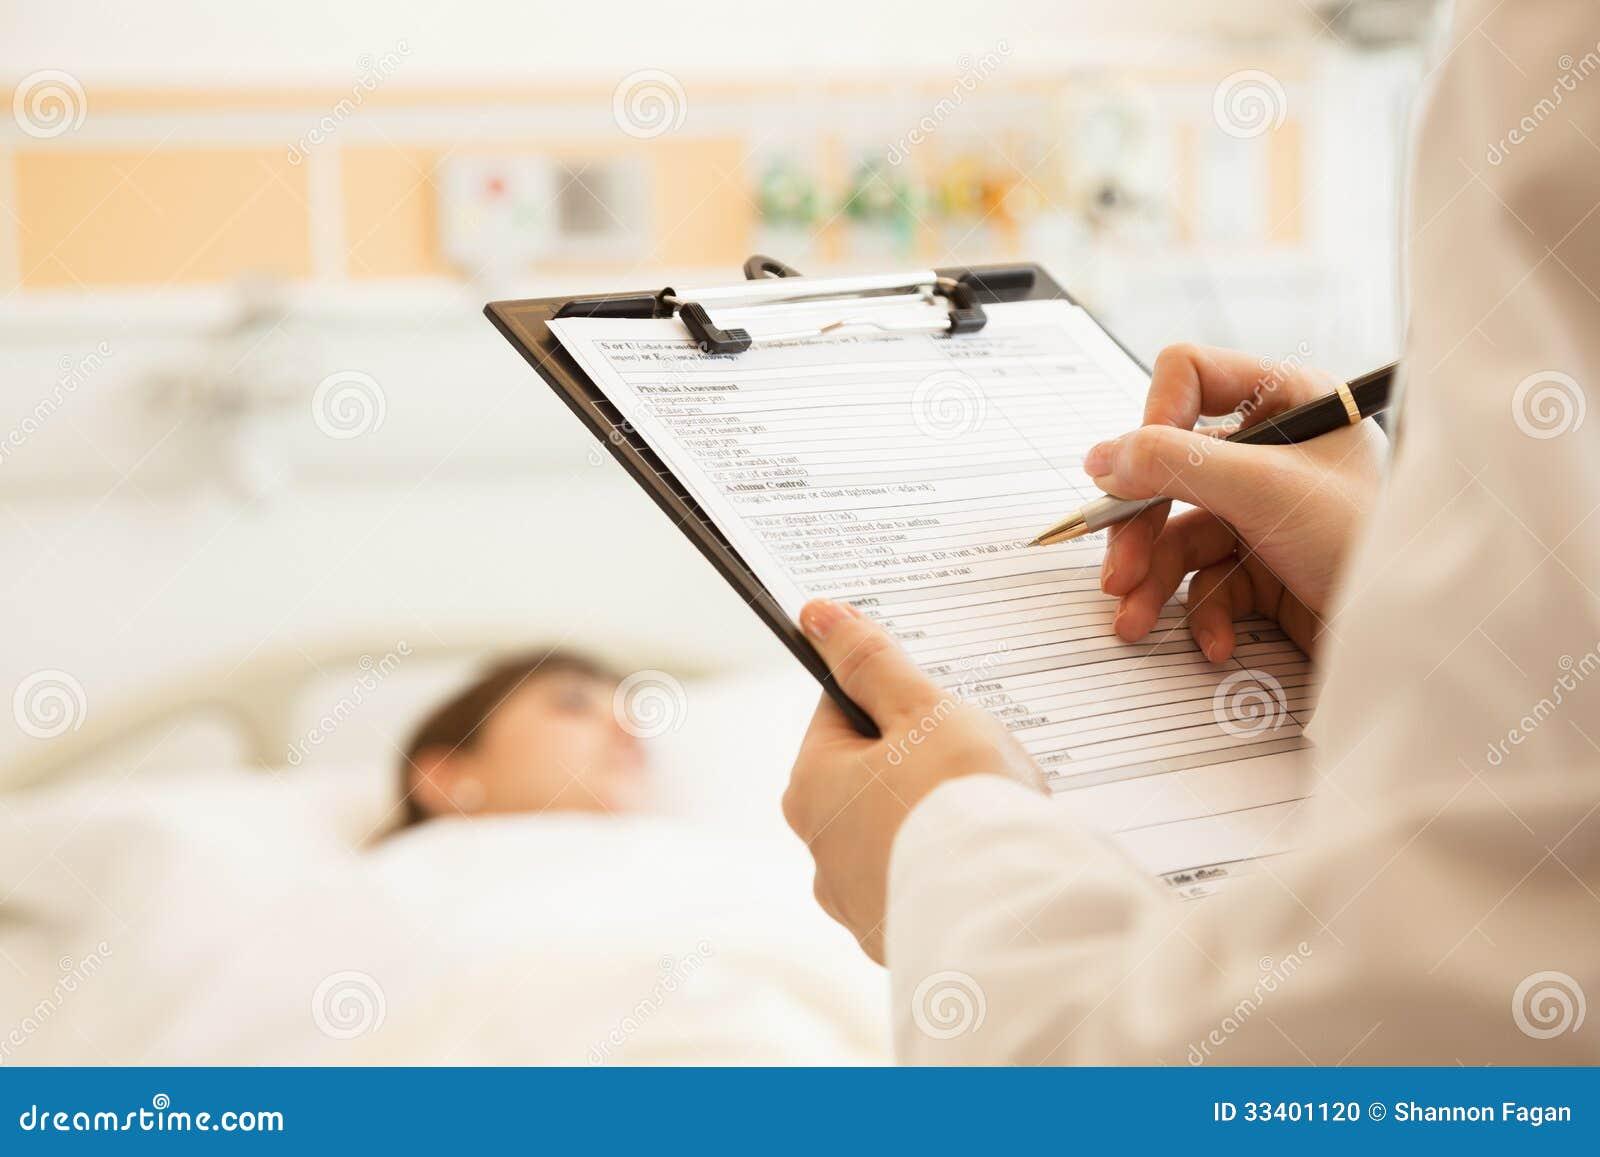 Slut upp av doktorshandstil på ett medicinskt diagram med tålmodign som ligger i en sjukhussäng i bakgrunden